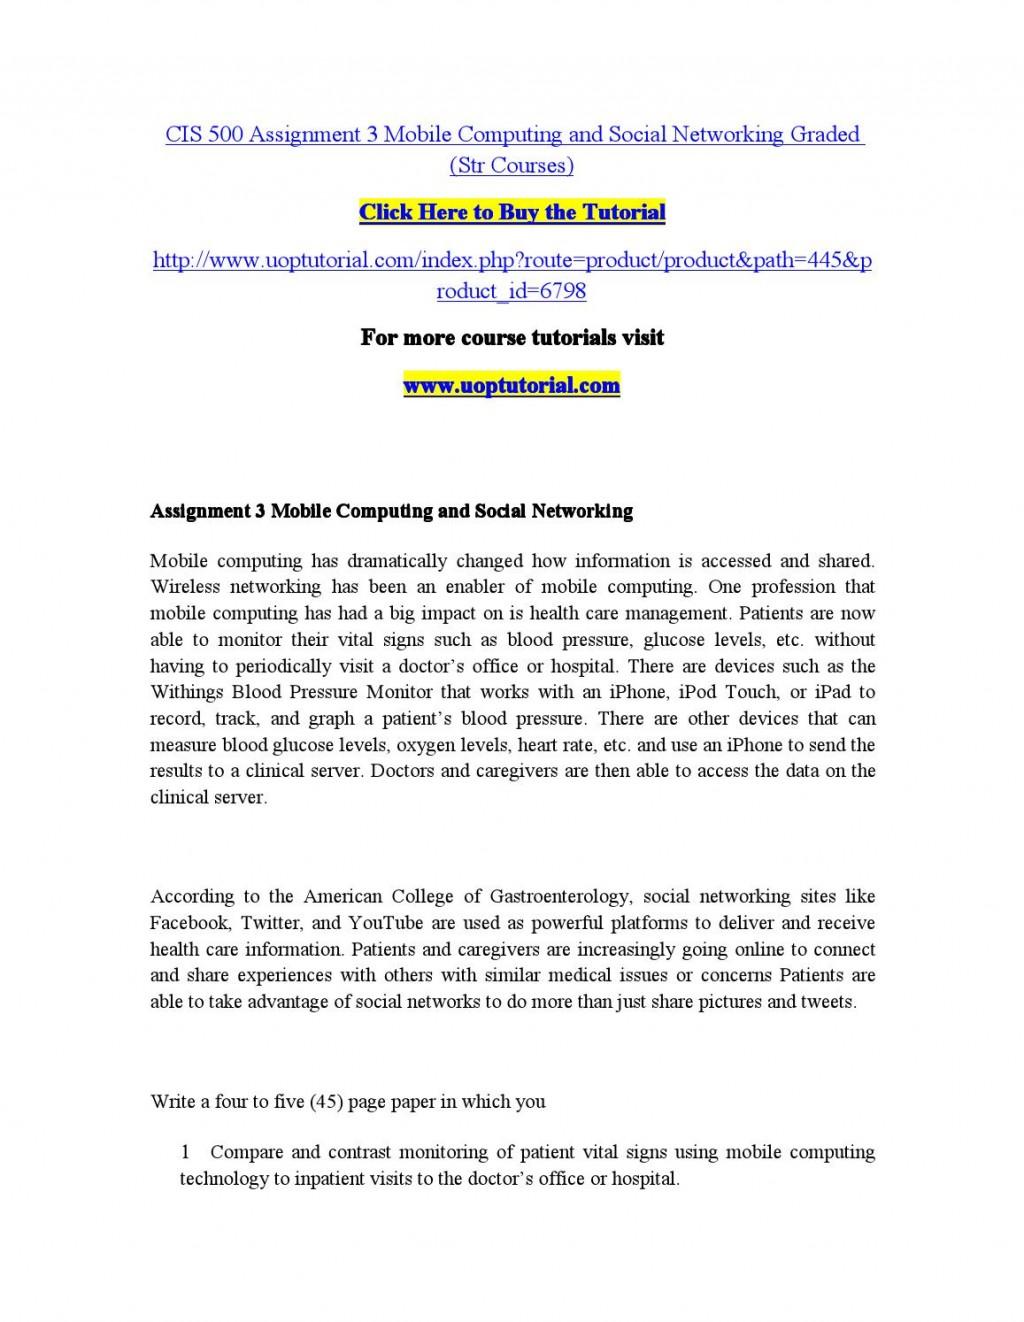 002 Essay Example Essayer Conjugaison Page 1 Shocking à L'imparfait Larousse Imparfait Large